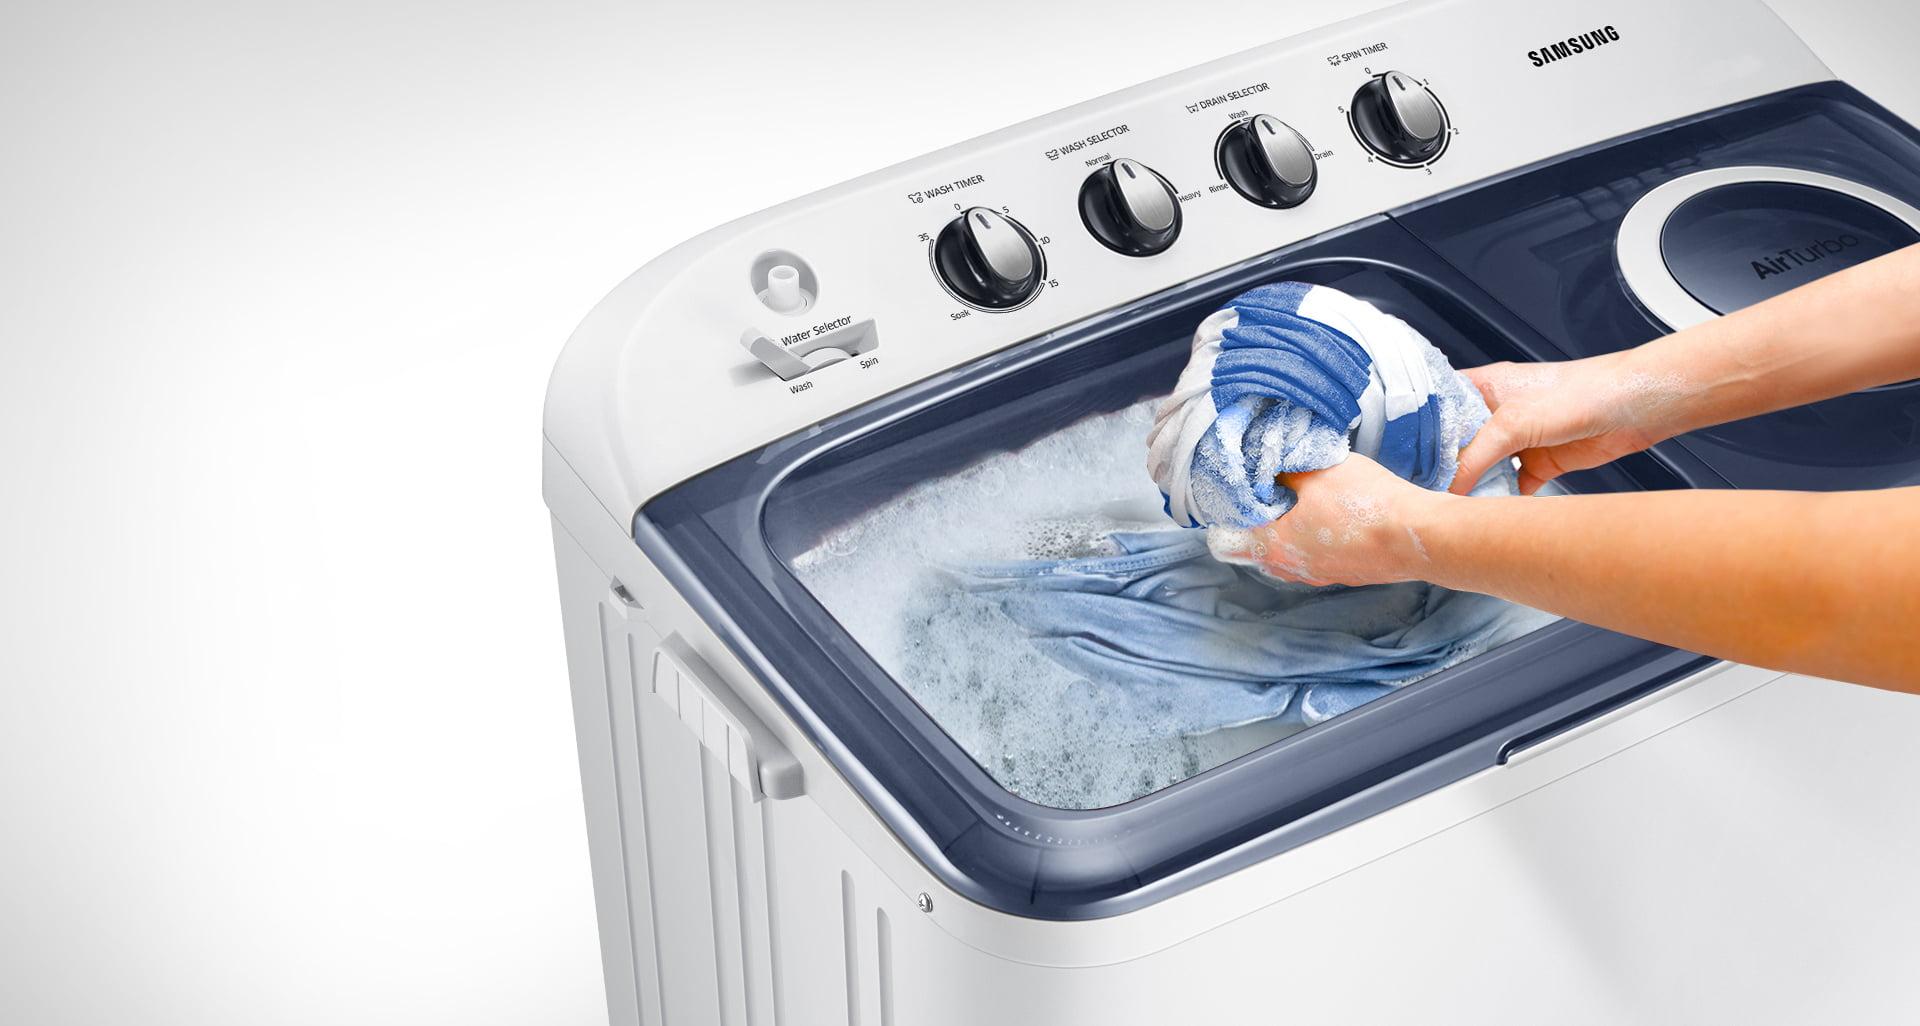 sederhana bersihkan mesin cuci setelah